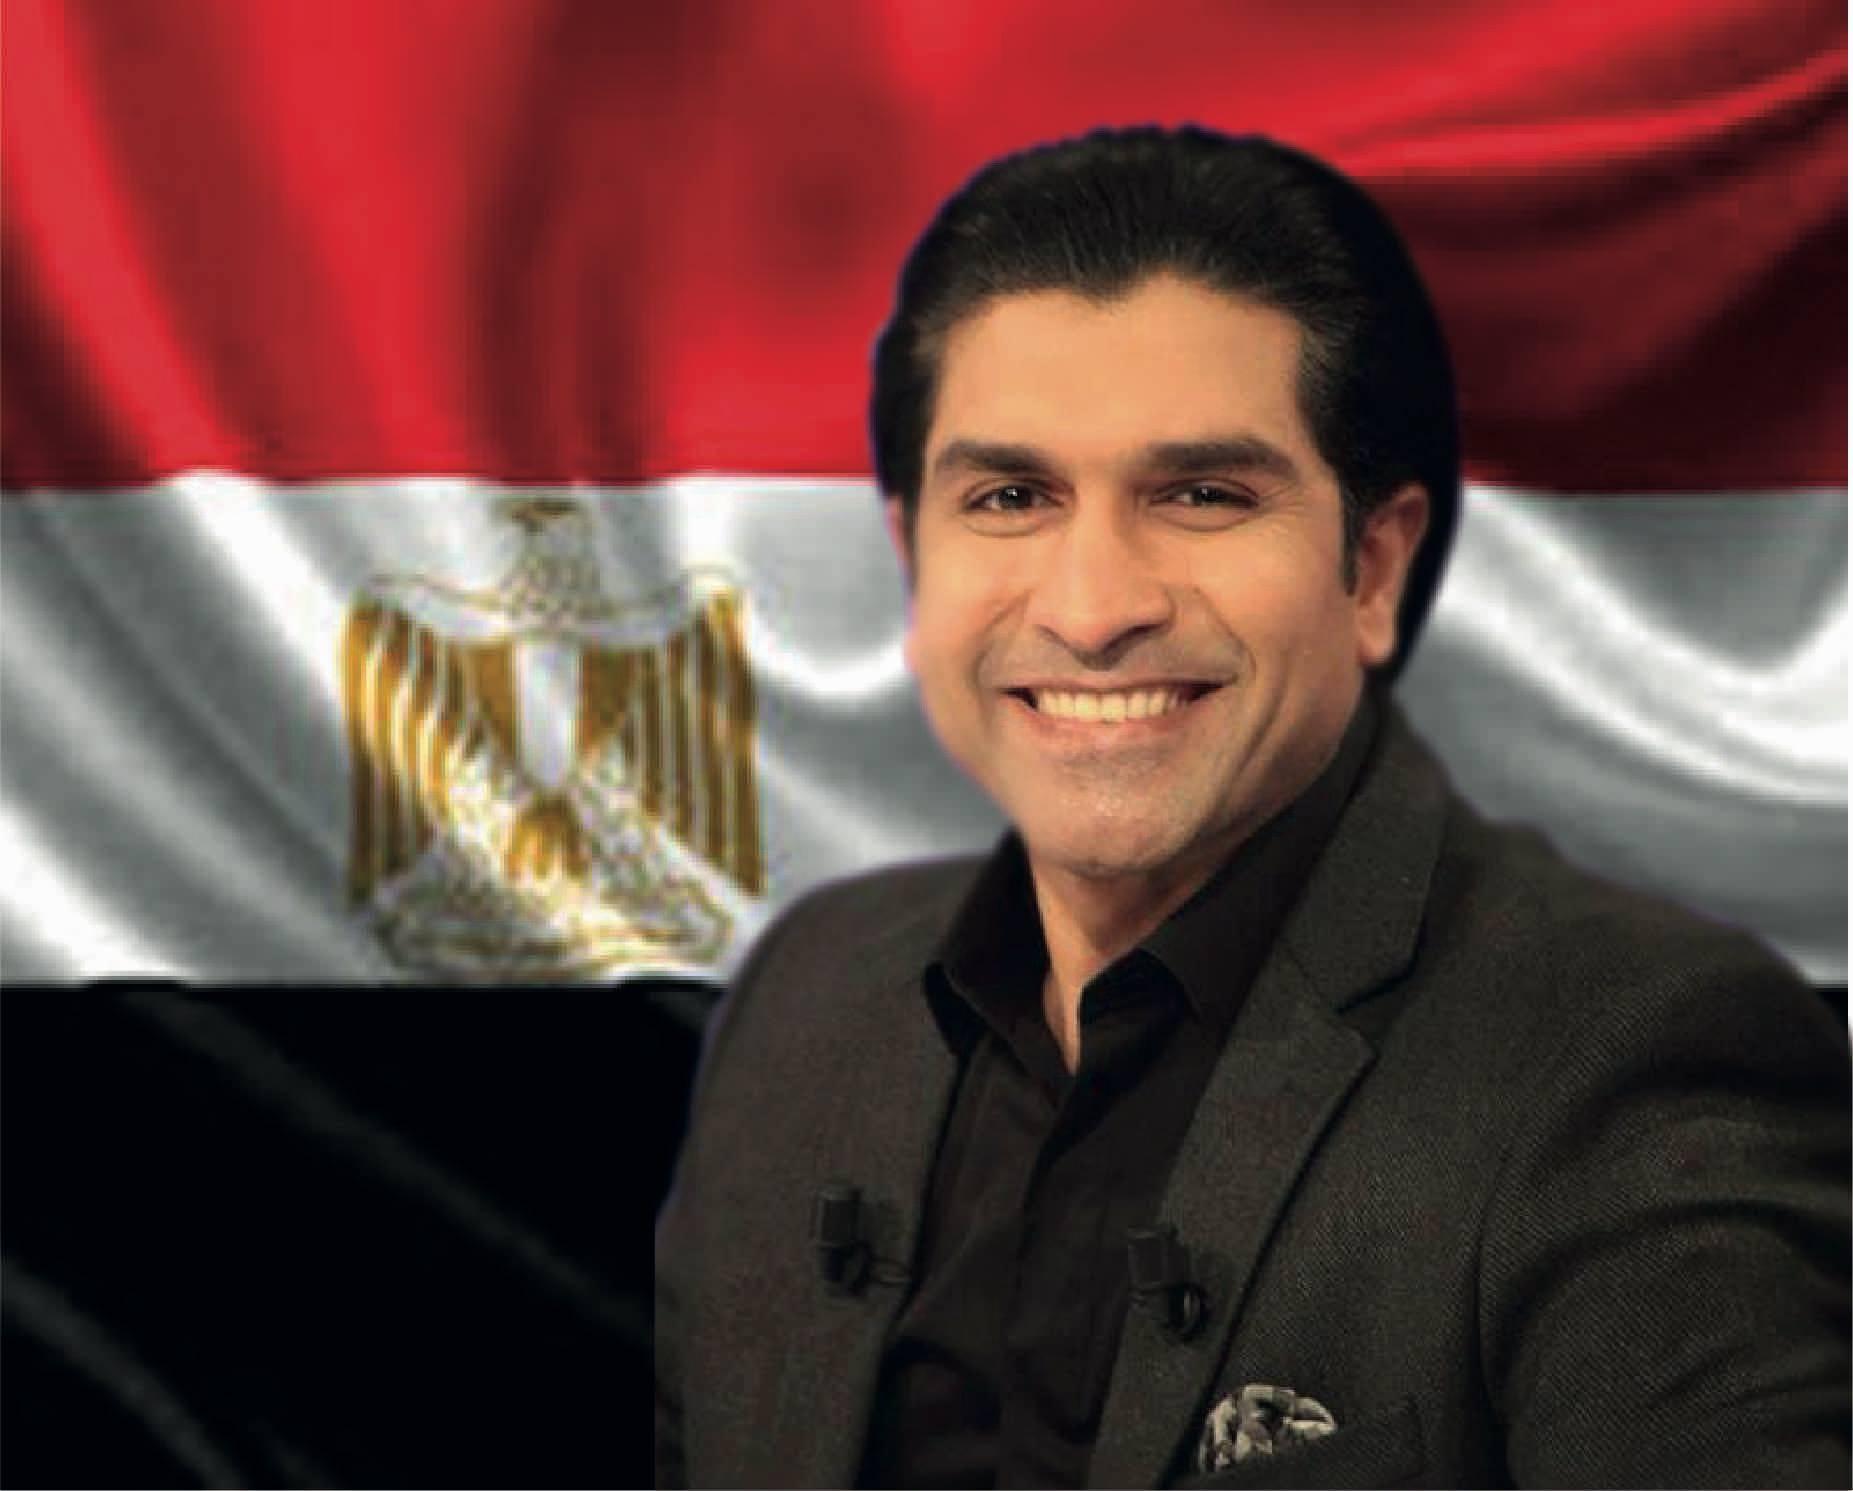 اتحاد شباب مصر بالخارج : لن يثنينا إرهابكم عن بناء مصر المستقبل  انزل شارك